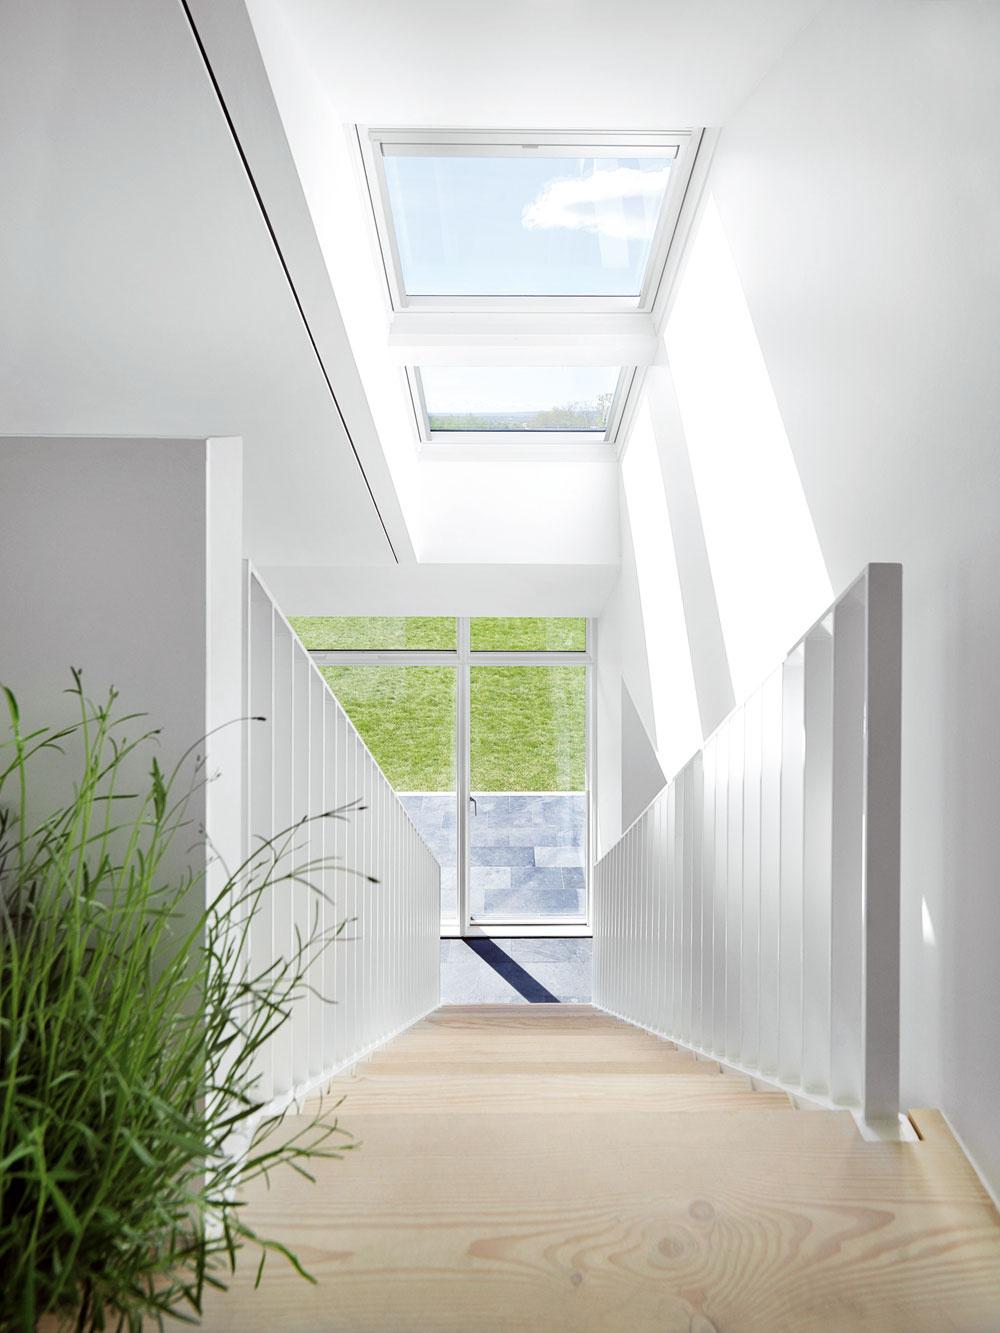 Denné svetlo je súčasťou vnútornej klímy, od ktorej závisí zdravie človeka. Množstvo atyp svetla výrazne ovplyvňujú duševnú pohodu, ľudský biorytmus análadu. Každá miestnosť si podľa svojho účelu vyžaduje špecifické množstvo denného svetla. To by malo zohľadňovať potreby, vek aaktivity obyvateľov domu.